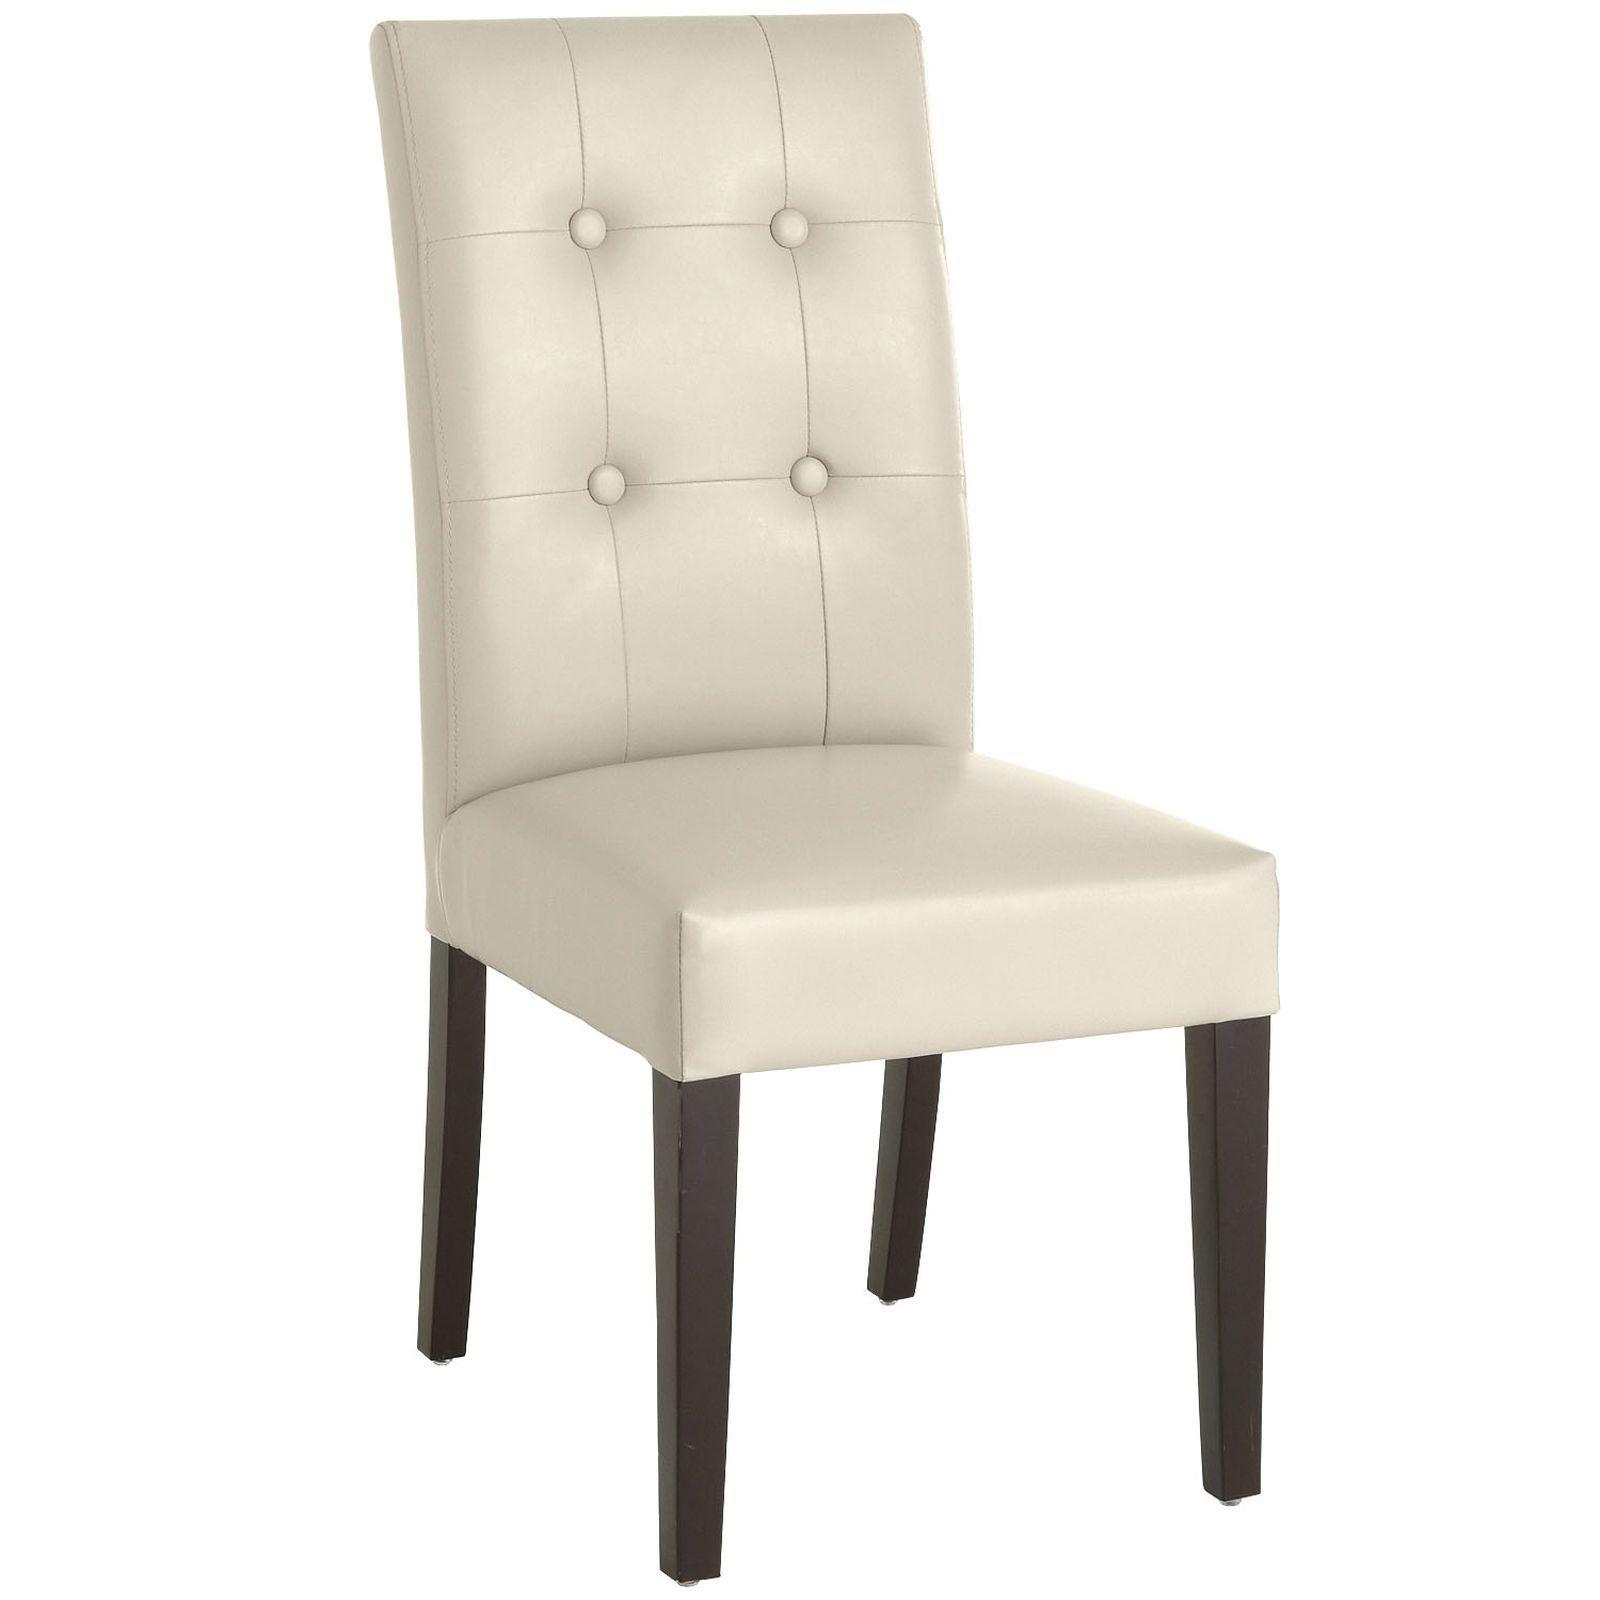 Esszimmer Stuhl | Stühle | Pinterest | Stuhl und Esszimmer